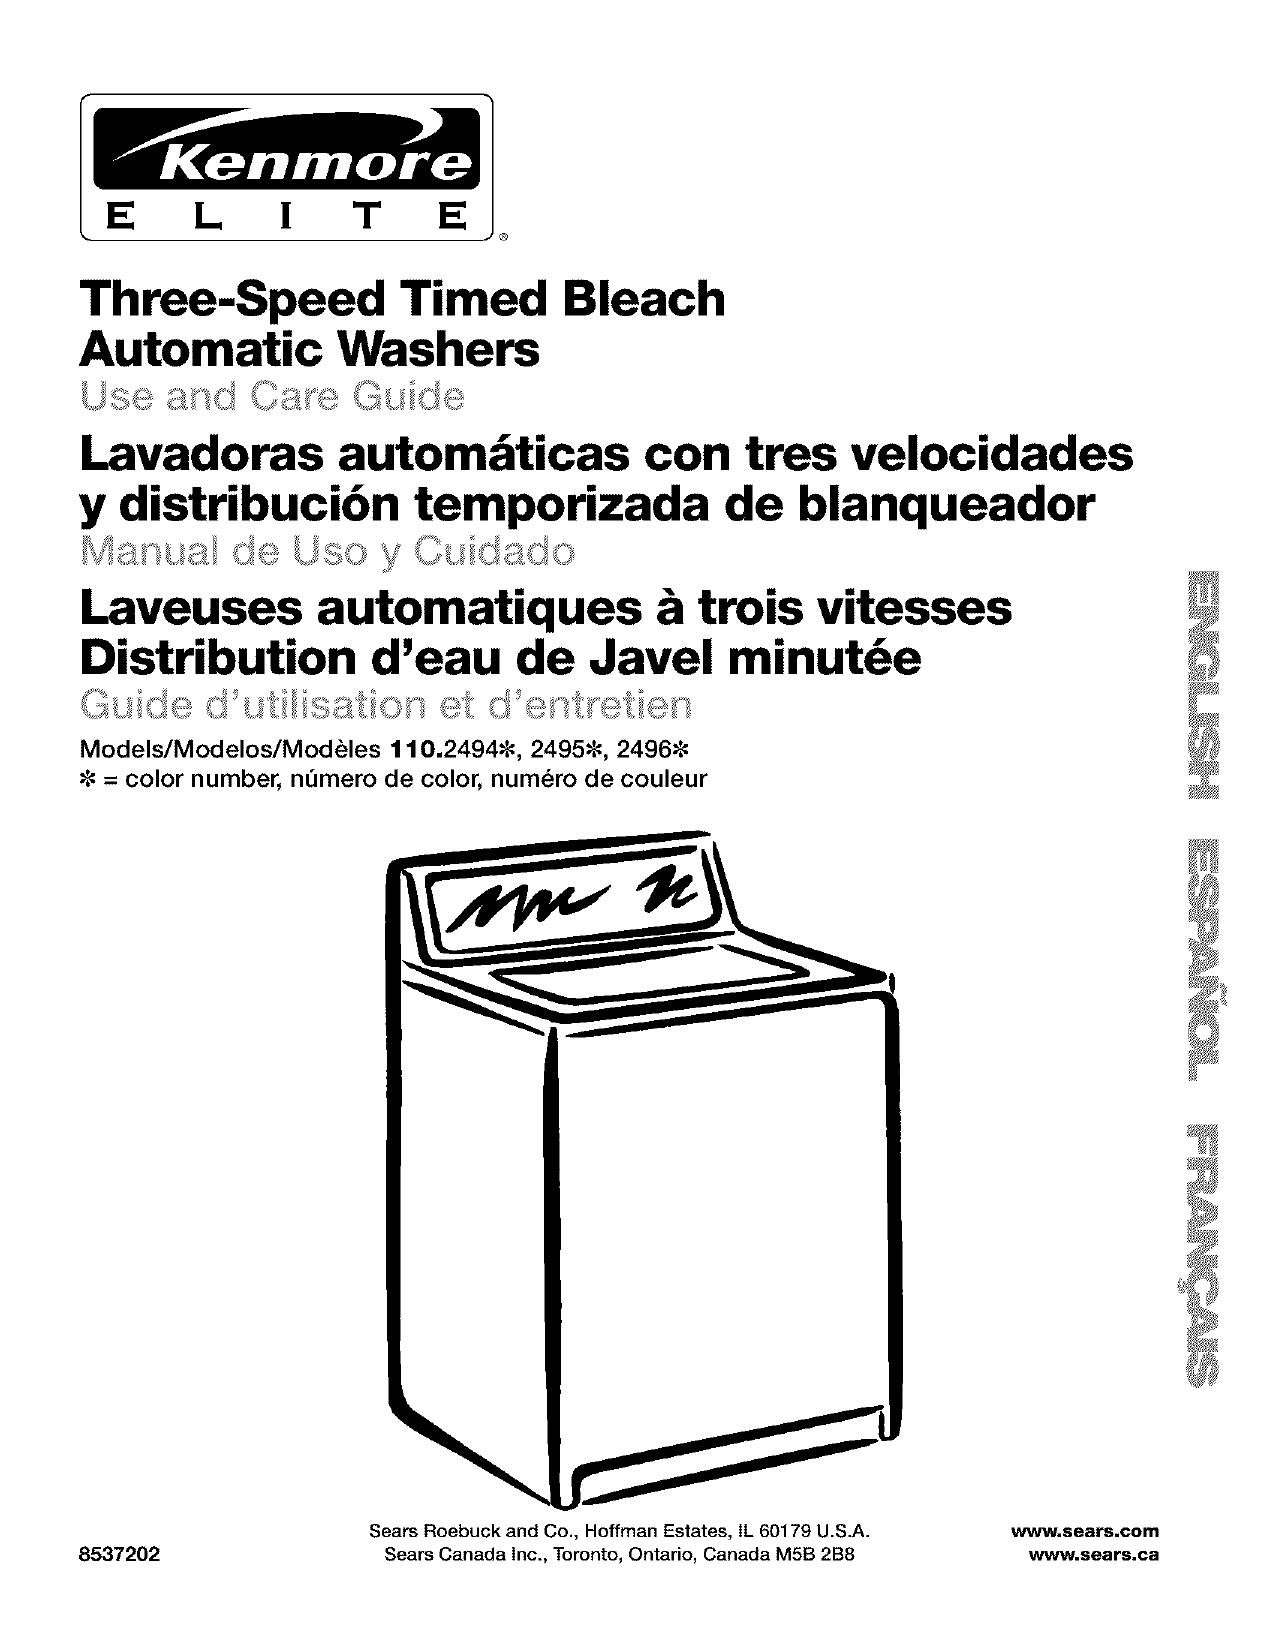 Three-Speed Timed Bleach Lavadoras autom_ticas con tres   manualzz.com